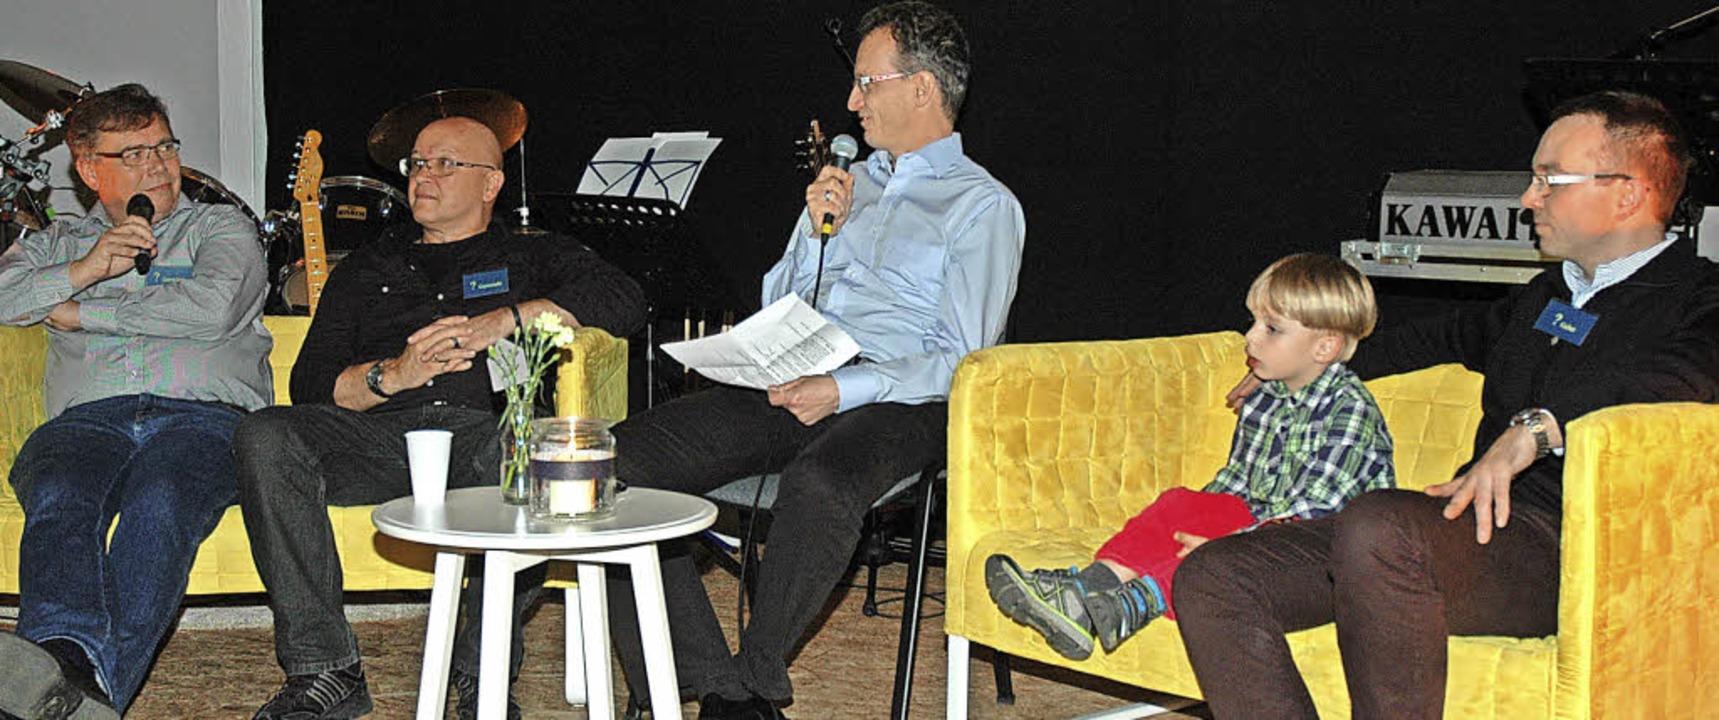 In der Regiogemeinde erklären Roger Br...was es heißt, eine Freikirche zu sein.  | Foto: Regine Ounas-Kräusel